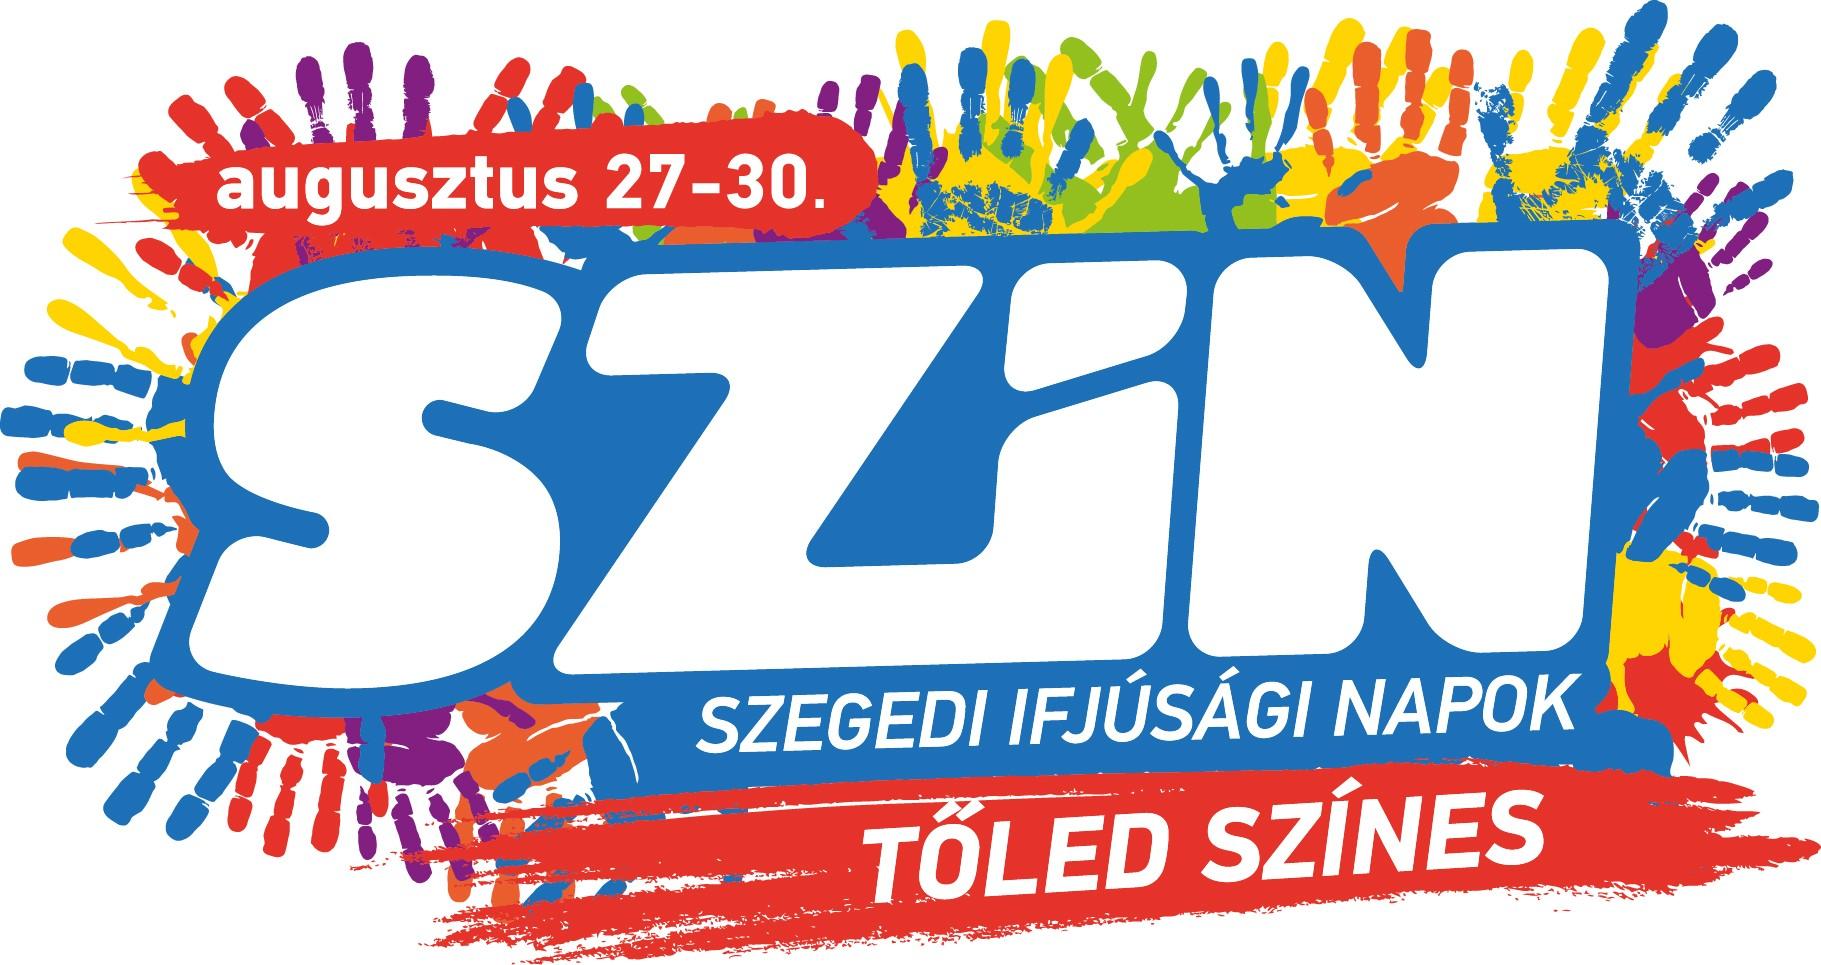 Szegedi Ifjúsági Napok - SZIN 2014